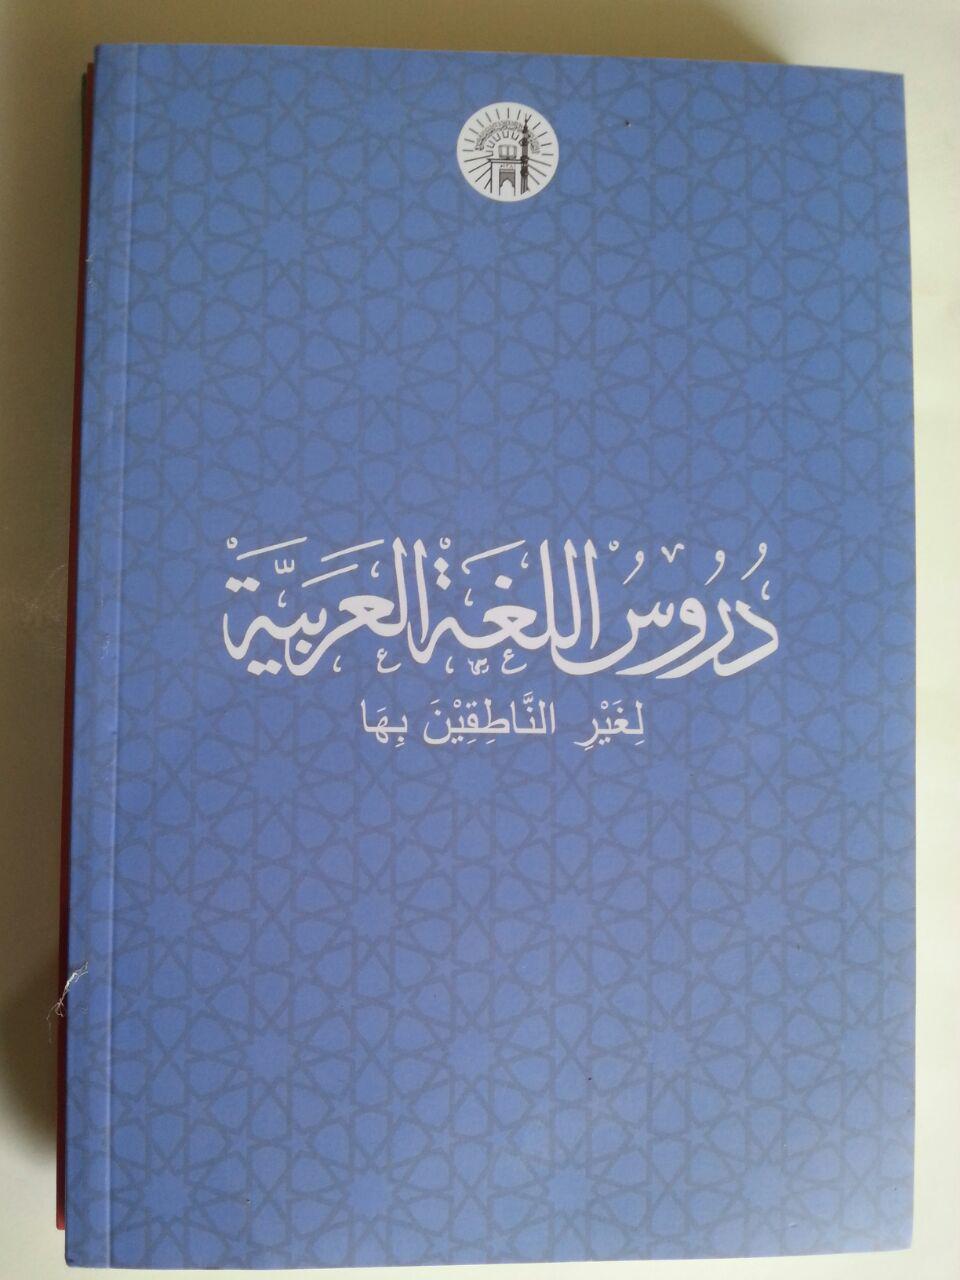 Kitab Durusul Lughoh Al-Arabiyyah Li Ghoirin Nathiqin Biha Set cover 2